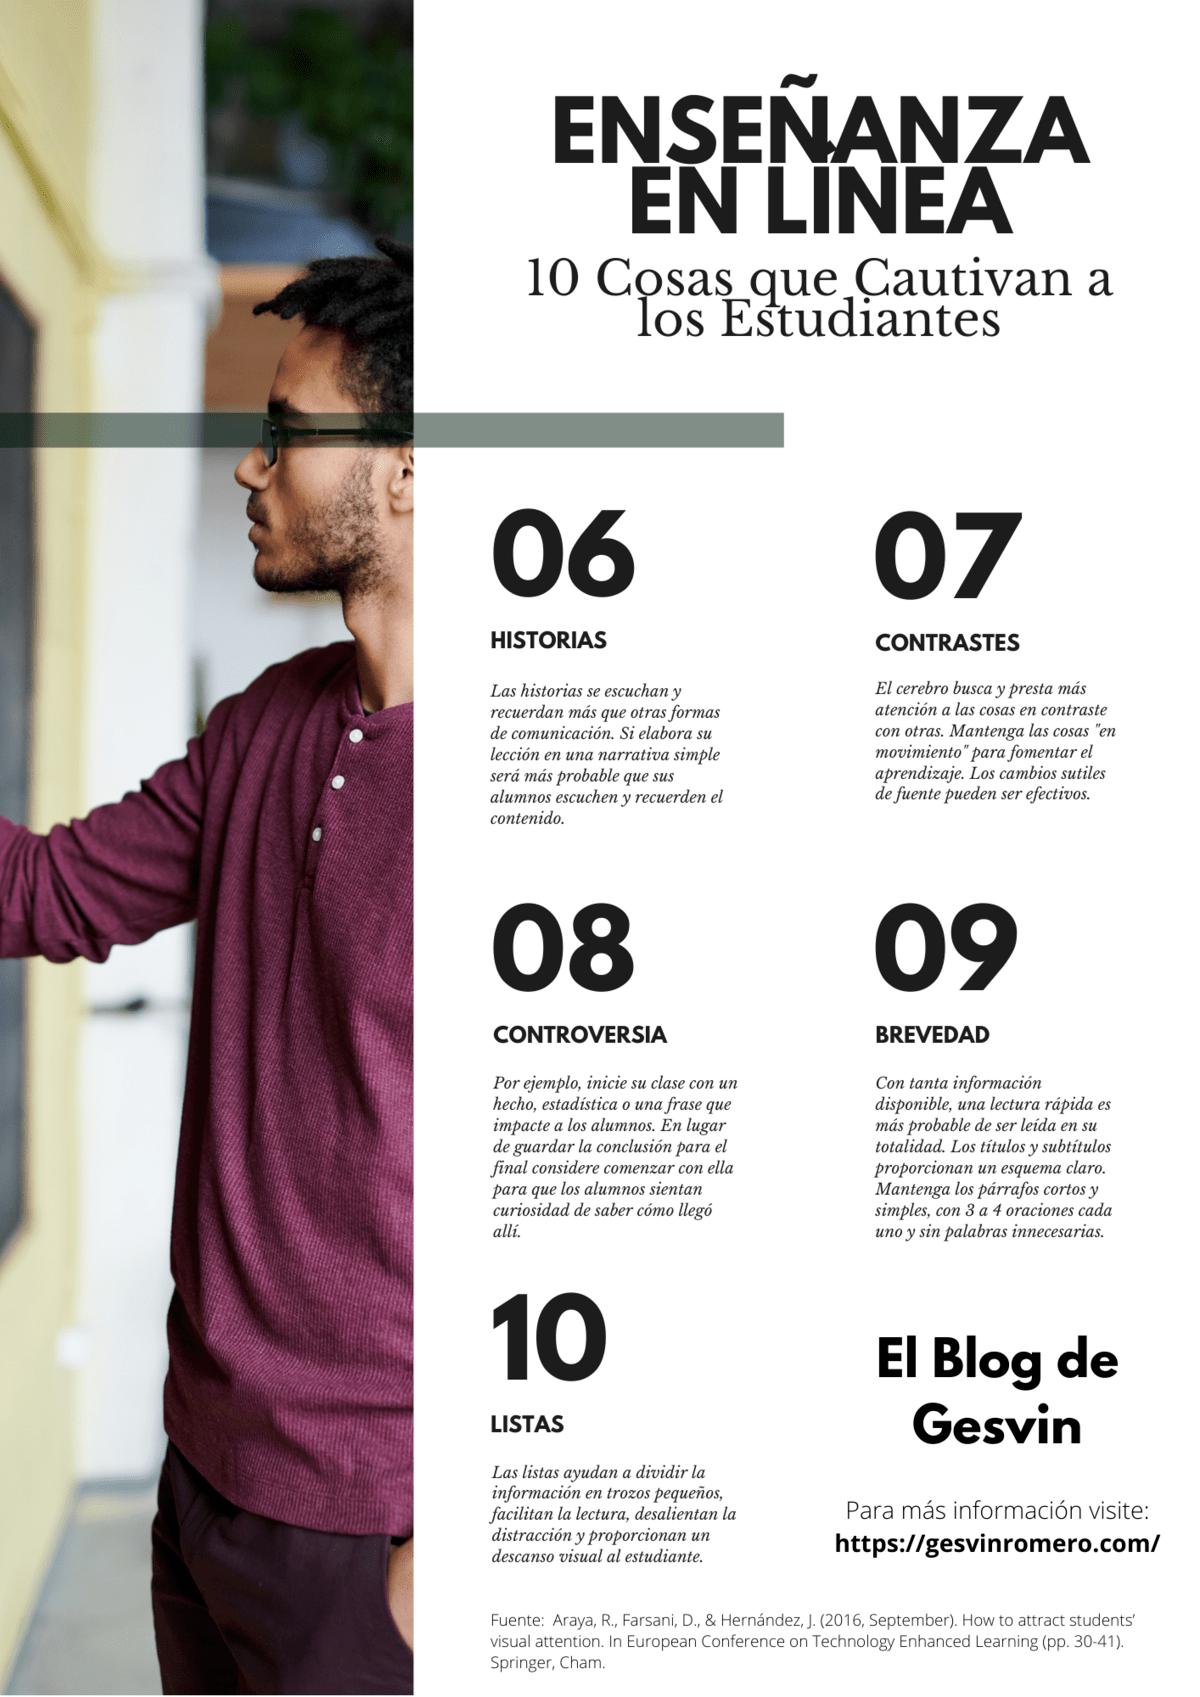 Enseñanza en Línea - 10 Cosas que Cautivan a los Estudiantes - Parte 2